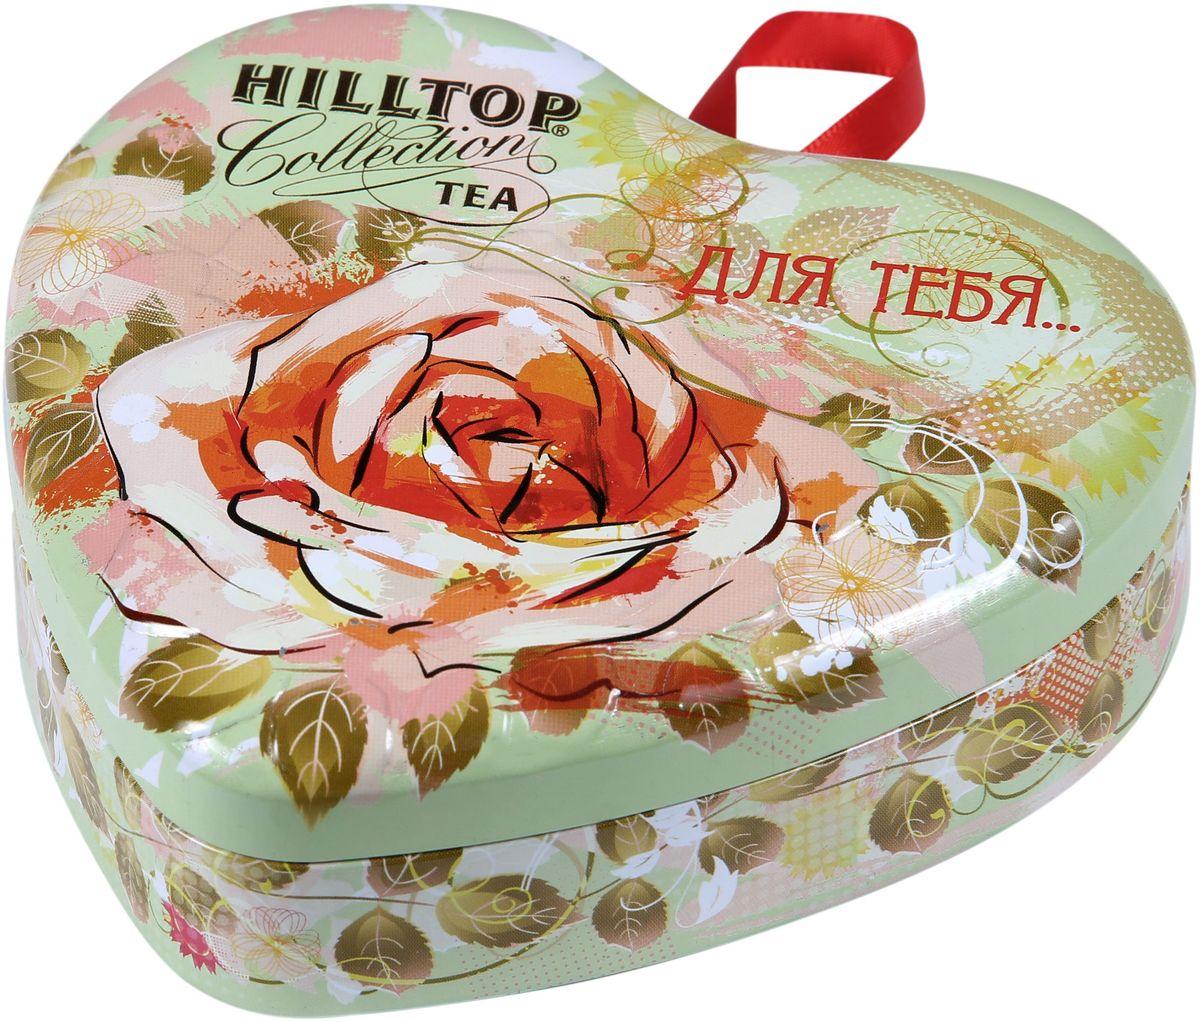 Hilltop Желаю счастья зеленый листовой чай, 50 г